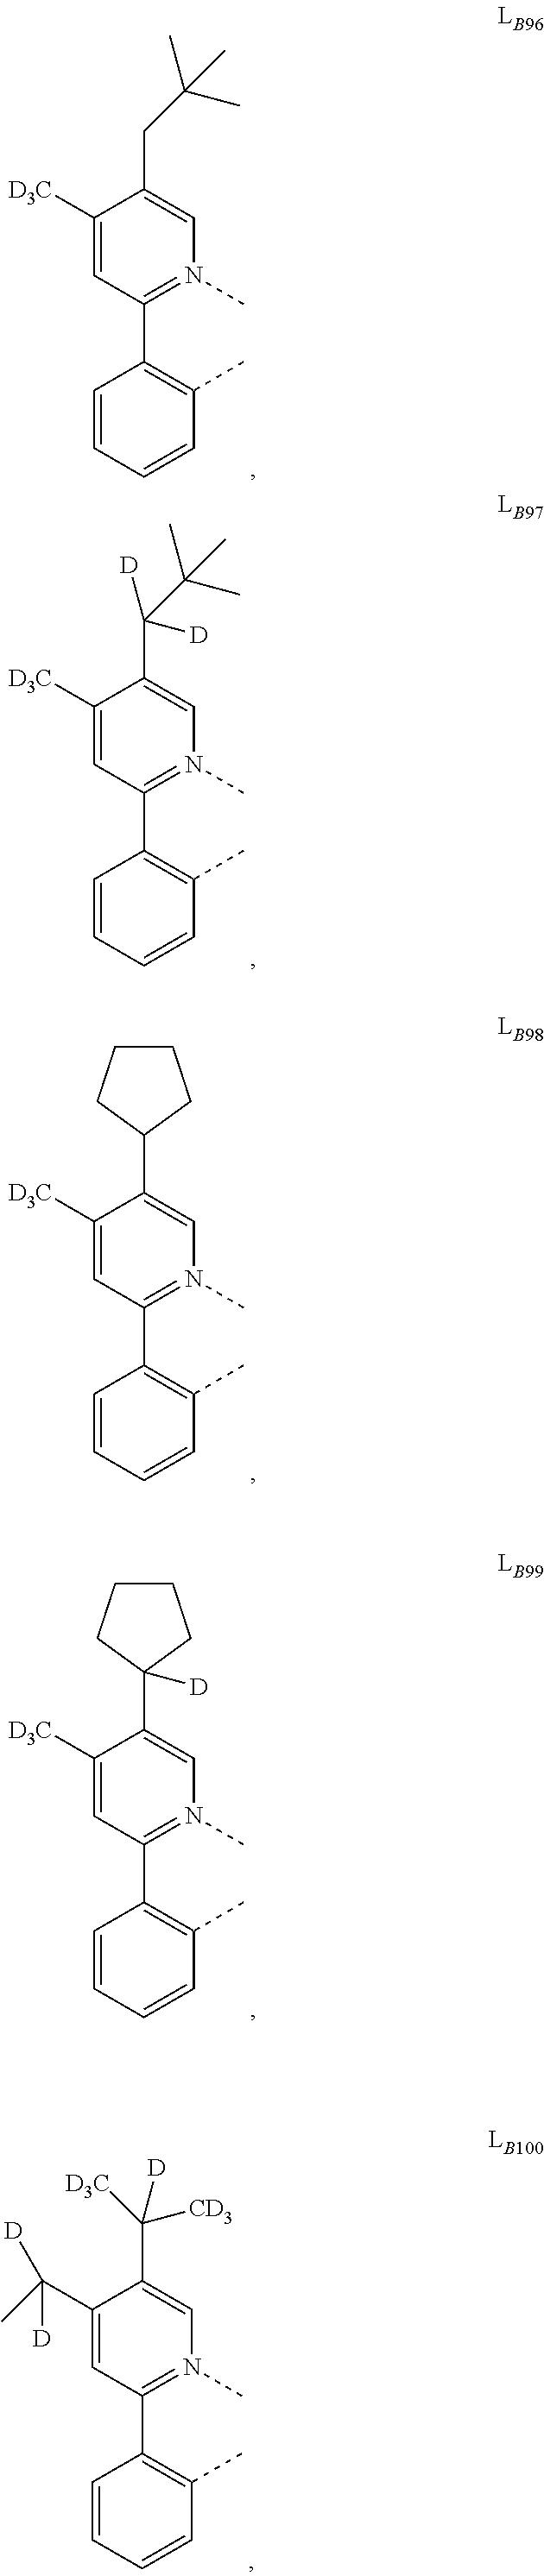 Figure US20160049599A1-20160218-C00516